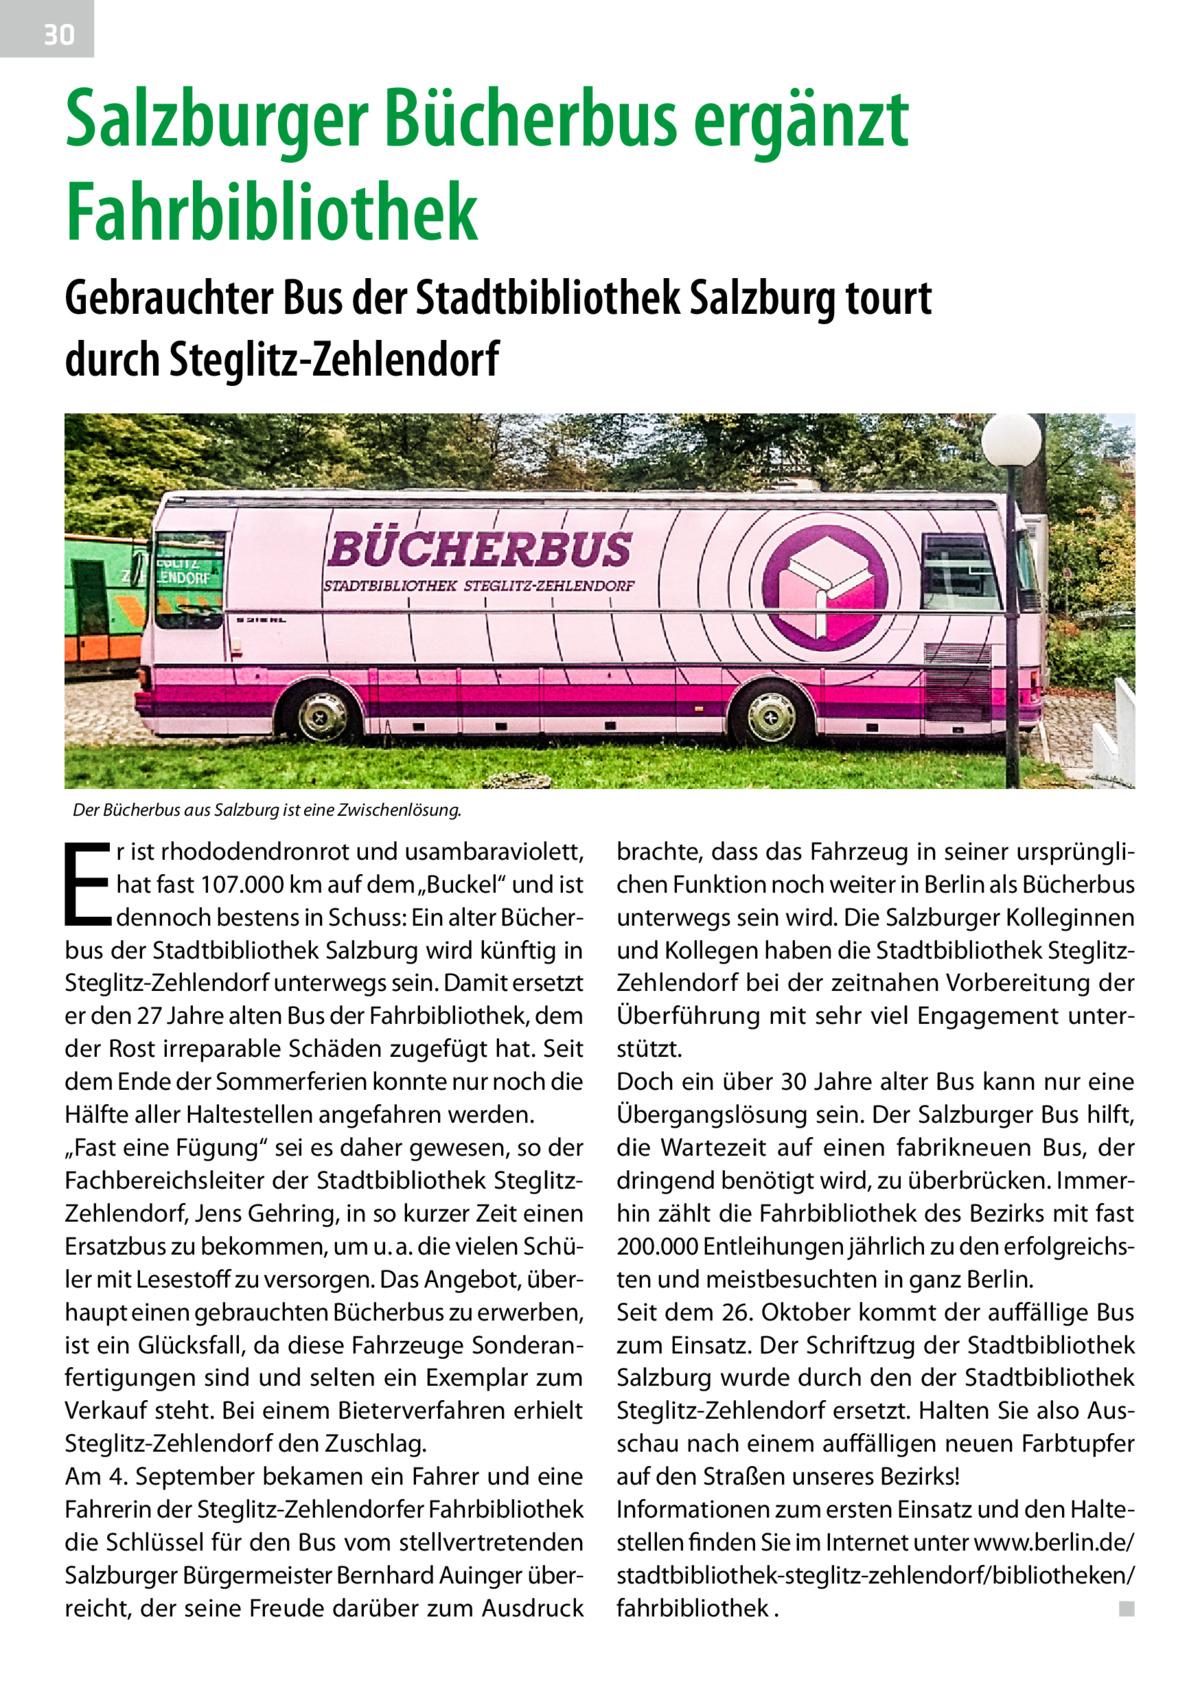 """30  Salzburger Bücherbus ergänzt Fahrbibliothek Gebrauchter Bus der Stadtbibliothek Salzburg tourt durch Steglitz-Zehlendorf  Der Bücherbus aus Salzburg ist eine Zwischenlösung.  E  r ist rhododendronrot und usambaraviolett, hat fast 107.000km auf dem """"Buckel"""" und ist dennoch bestens in Schuss: Ein alter Bücherbus der Stadtbibliothek Salzburg wird künftig in Steglitz-Zehlendorf unterwegs sein. Damit ersetzt er den 27Jahre alten Bus der Fahrbibliothek, dem der Rost irreparable Schäden zugefügt hat. Seit dem Ende der Sommerferien konnte nur noch die Hälfte aller Haltestellen angefahren werden. """"Fast eine Fügung"""" sei es daher gewesen, so der Fachbereichsleiter der Stadtbibliothek SteglitzZehlendorf, Jens Gehring, in so kurzer Zeit einen Ersatzbus zu bekommen, um u.a. die vielen Schüler mit Lesestoff zu versorgen. Das Angebot, überhaupt einen gebrauchten Bücherbus zu erwerben, ist ein Glücksfall, da diese Fahrzeuge Sonderanfertigungen sind und selten ein Exemplar zum Verkauf steht. Bei einem Bieterverfahren erhielt Steglitz-Zehlendorf den Zuschlag. Am 4.September bekamen ein Fahrer und eine Fahrerin der Steglitz-Zehlendorfer Fahrbibliothek die Schlüssel für den Bus vom stellvertretenden Salzburger Bürgermeister Bernhard Auinger überreicht, der seine Freude darüber zum Ausdruck  brachte, dass das Fahrzeug in seiner ursprünglichen Funktion noch weiter in Berlin als Bücherbus unterwegs sein wird. Die Salzburger Kolleginnen und Kollegen haben die Stadtbibliothek SteglitzZehlendorf bei der zeitnahen Vorbereitung der Überführung mit sehr viel Engagement unterstützt. Doch ein über 30Jahre alter Bus kann nur eine Übergangslösung sein. Der Salzburger Bus hilft, die Wartezeit auf einen fabrikneuen Bus, der dringend benötigt wird, zu überbrücken. Immerhin zählt die Fahrbibliothek des Bezirks mit fast 200.000 Entleihungen jährlich zu den erfolgreichsten und meistbesuchten in ganz Berlin. Seit dem 26.Oktober kommt der auffällige Bus zum Einsatz. Der Schriftzug der Stadtbibliothek Sa"""